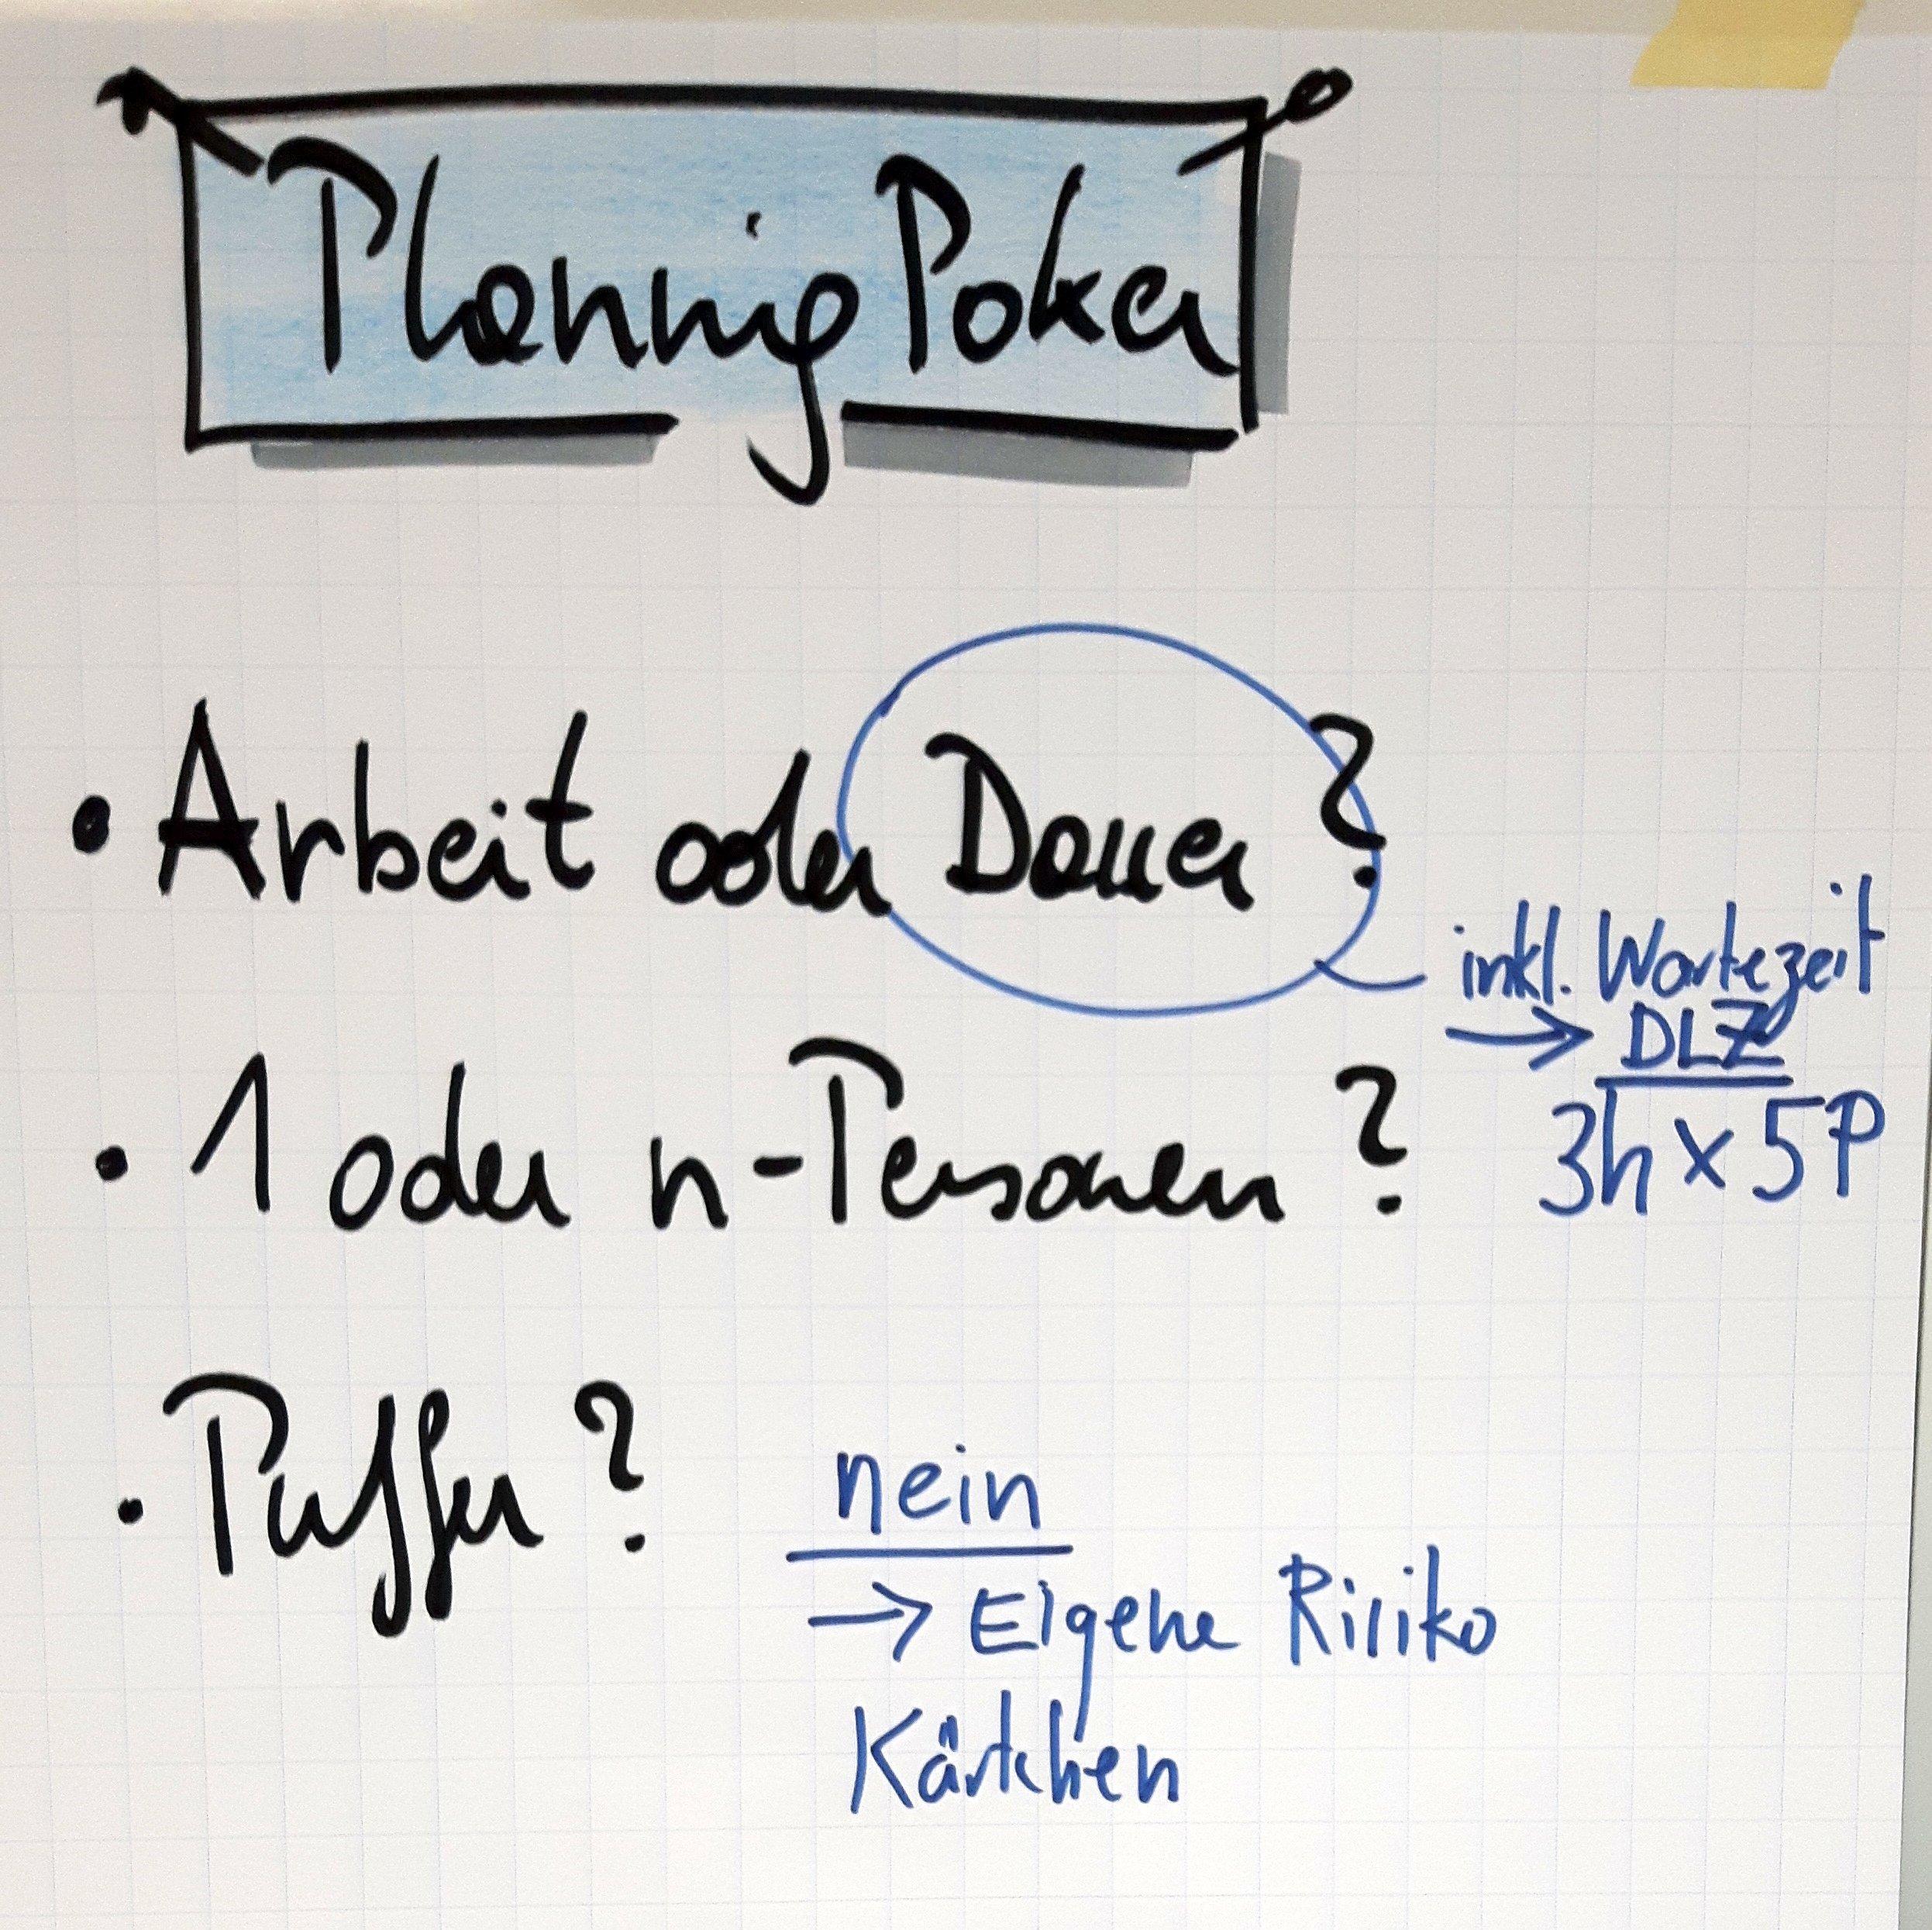 FRITZ - Planning Poker FAQ 2